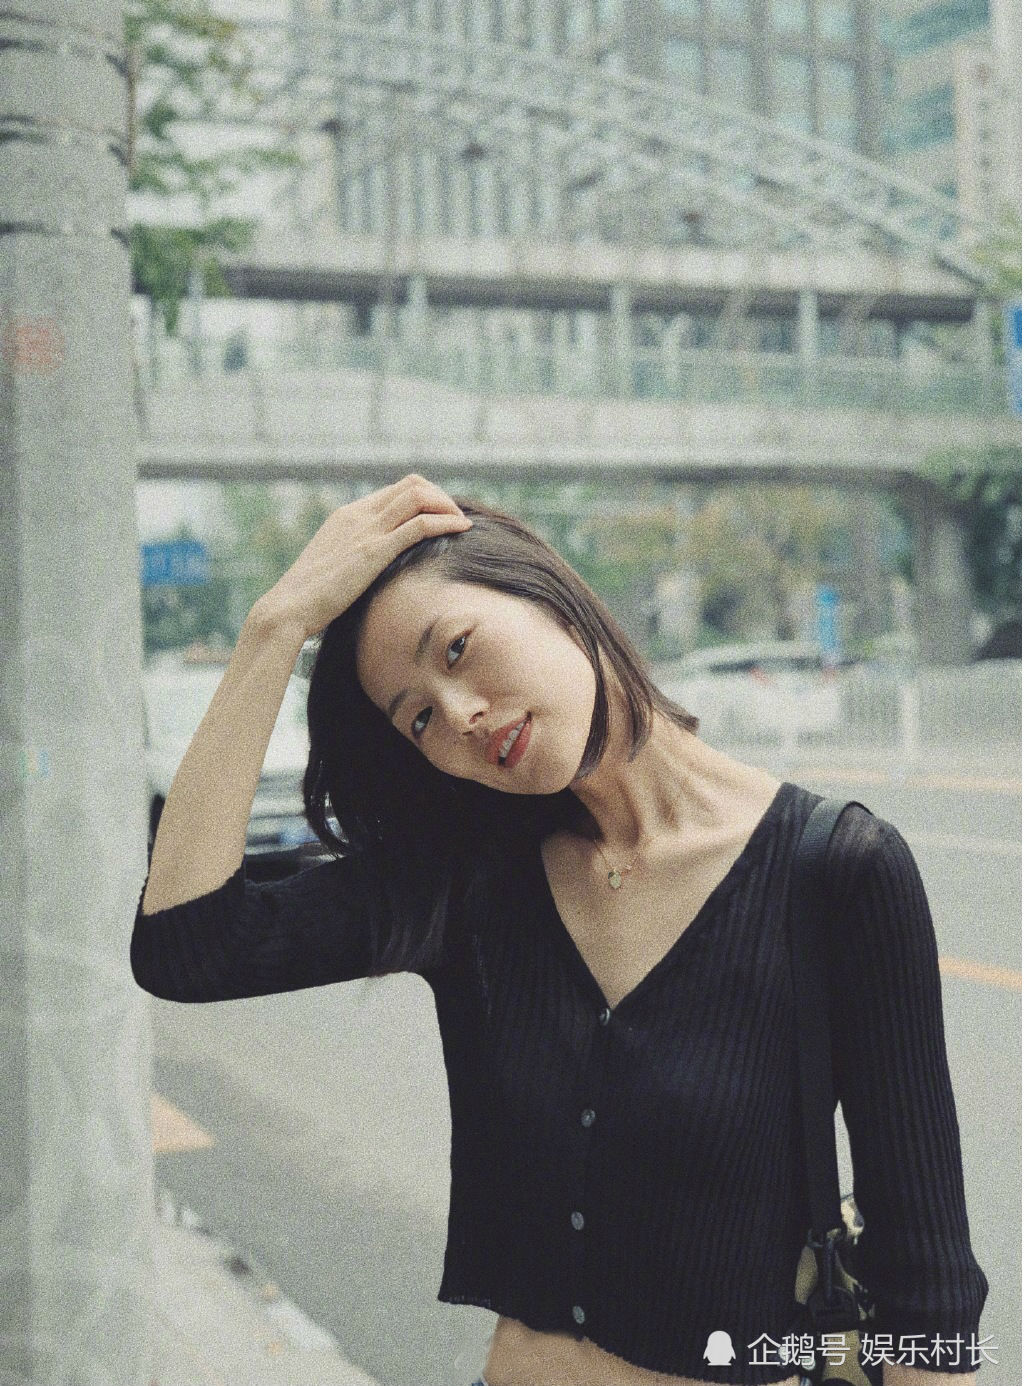 """张艺兴被当反面案例上新闻,与刘雯对比却被评""""完全不同的声音"""""""